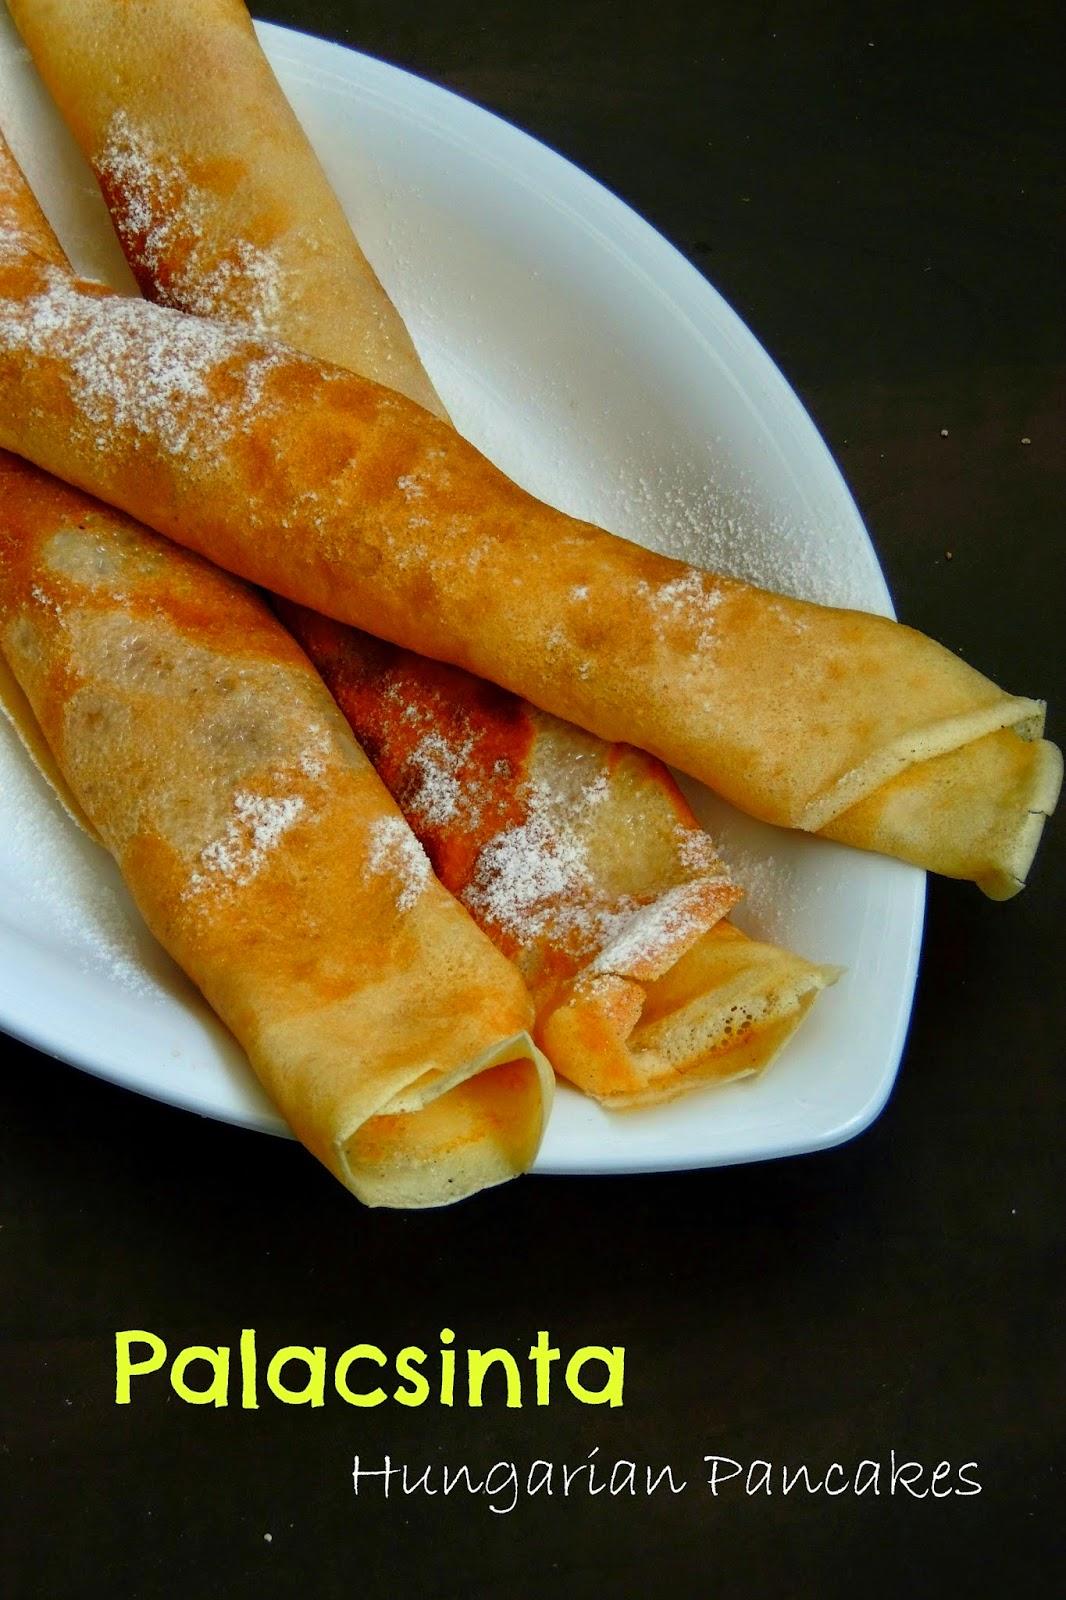 Palacsinta, Hungarian Crepes, Hungarian pancakes